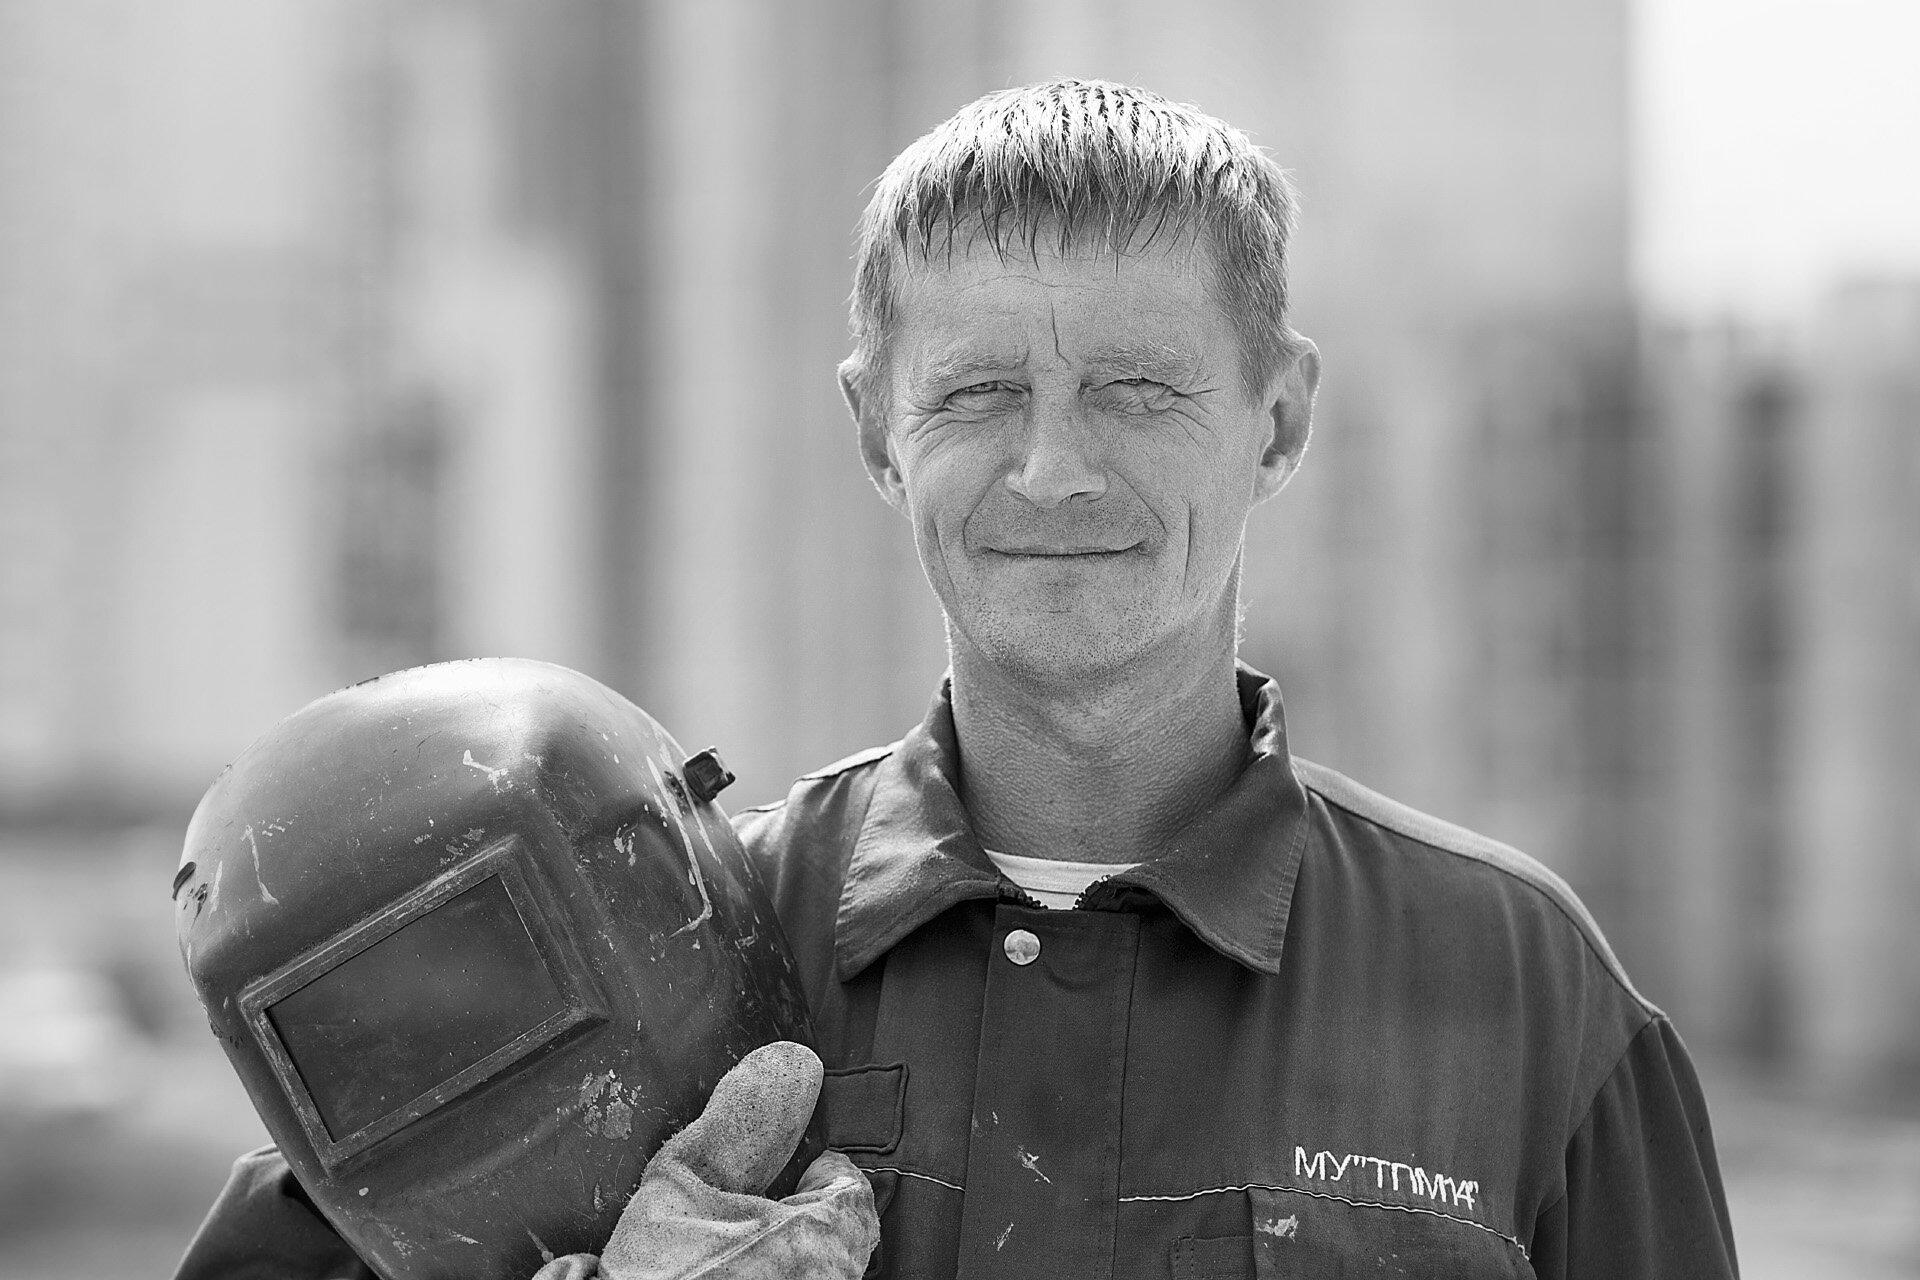 Вадим, 40 лет, сварщик